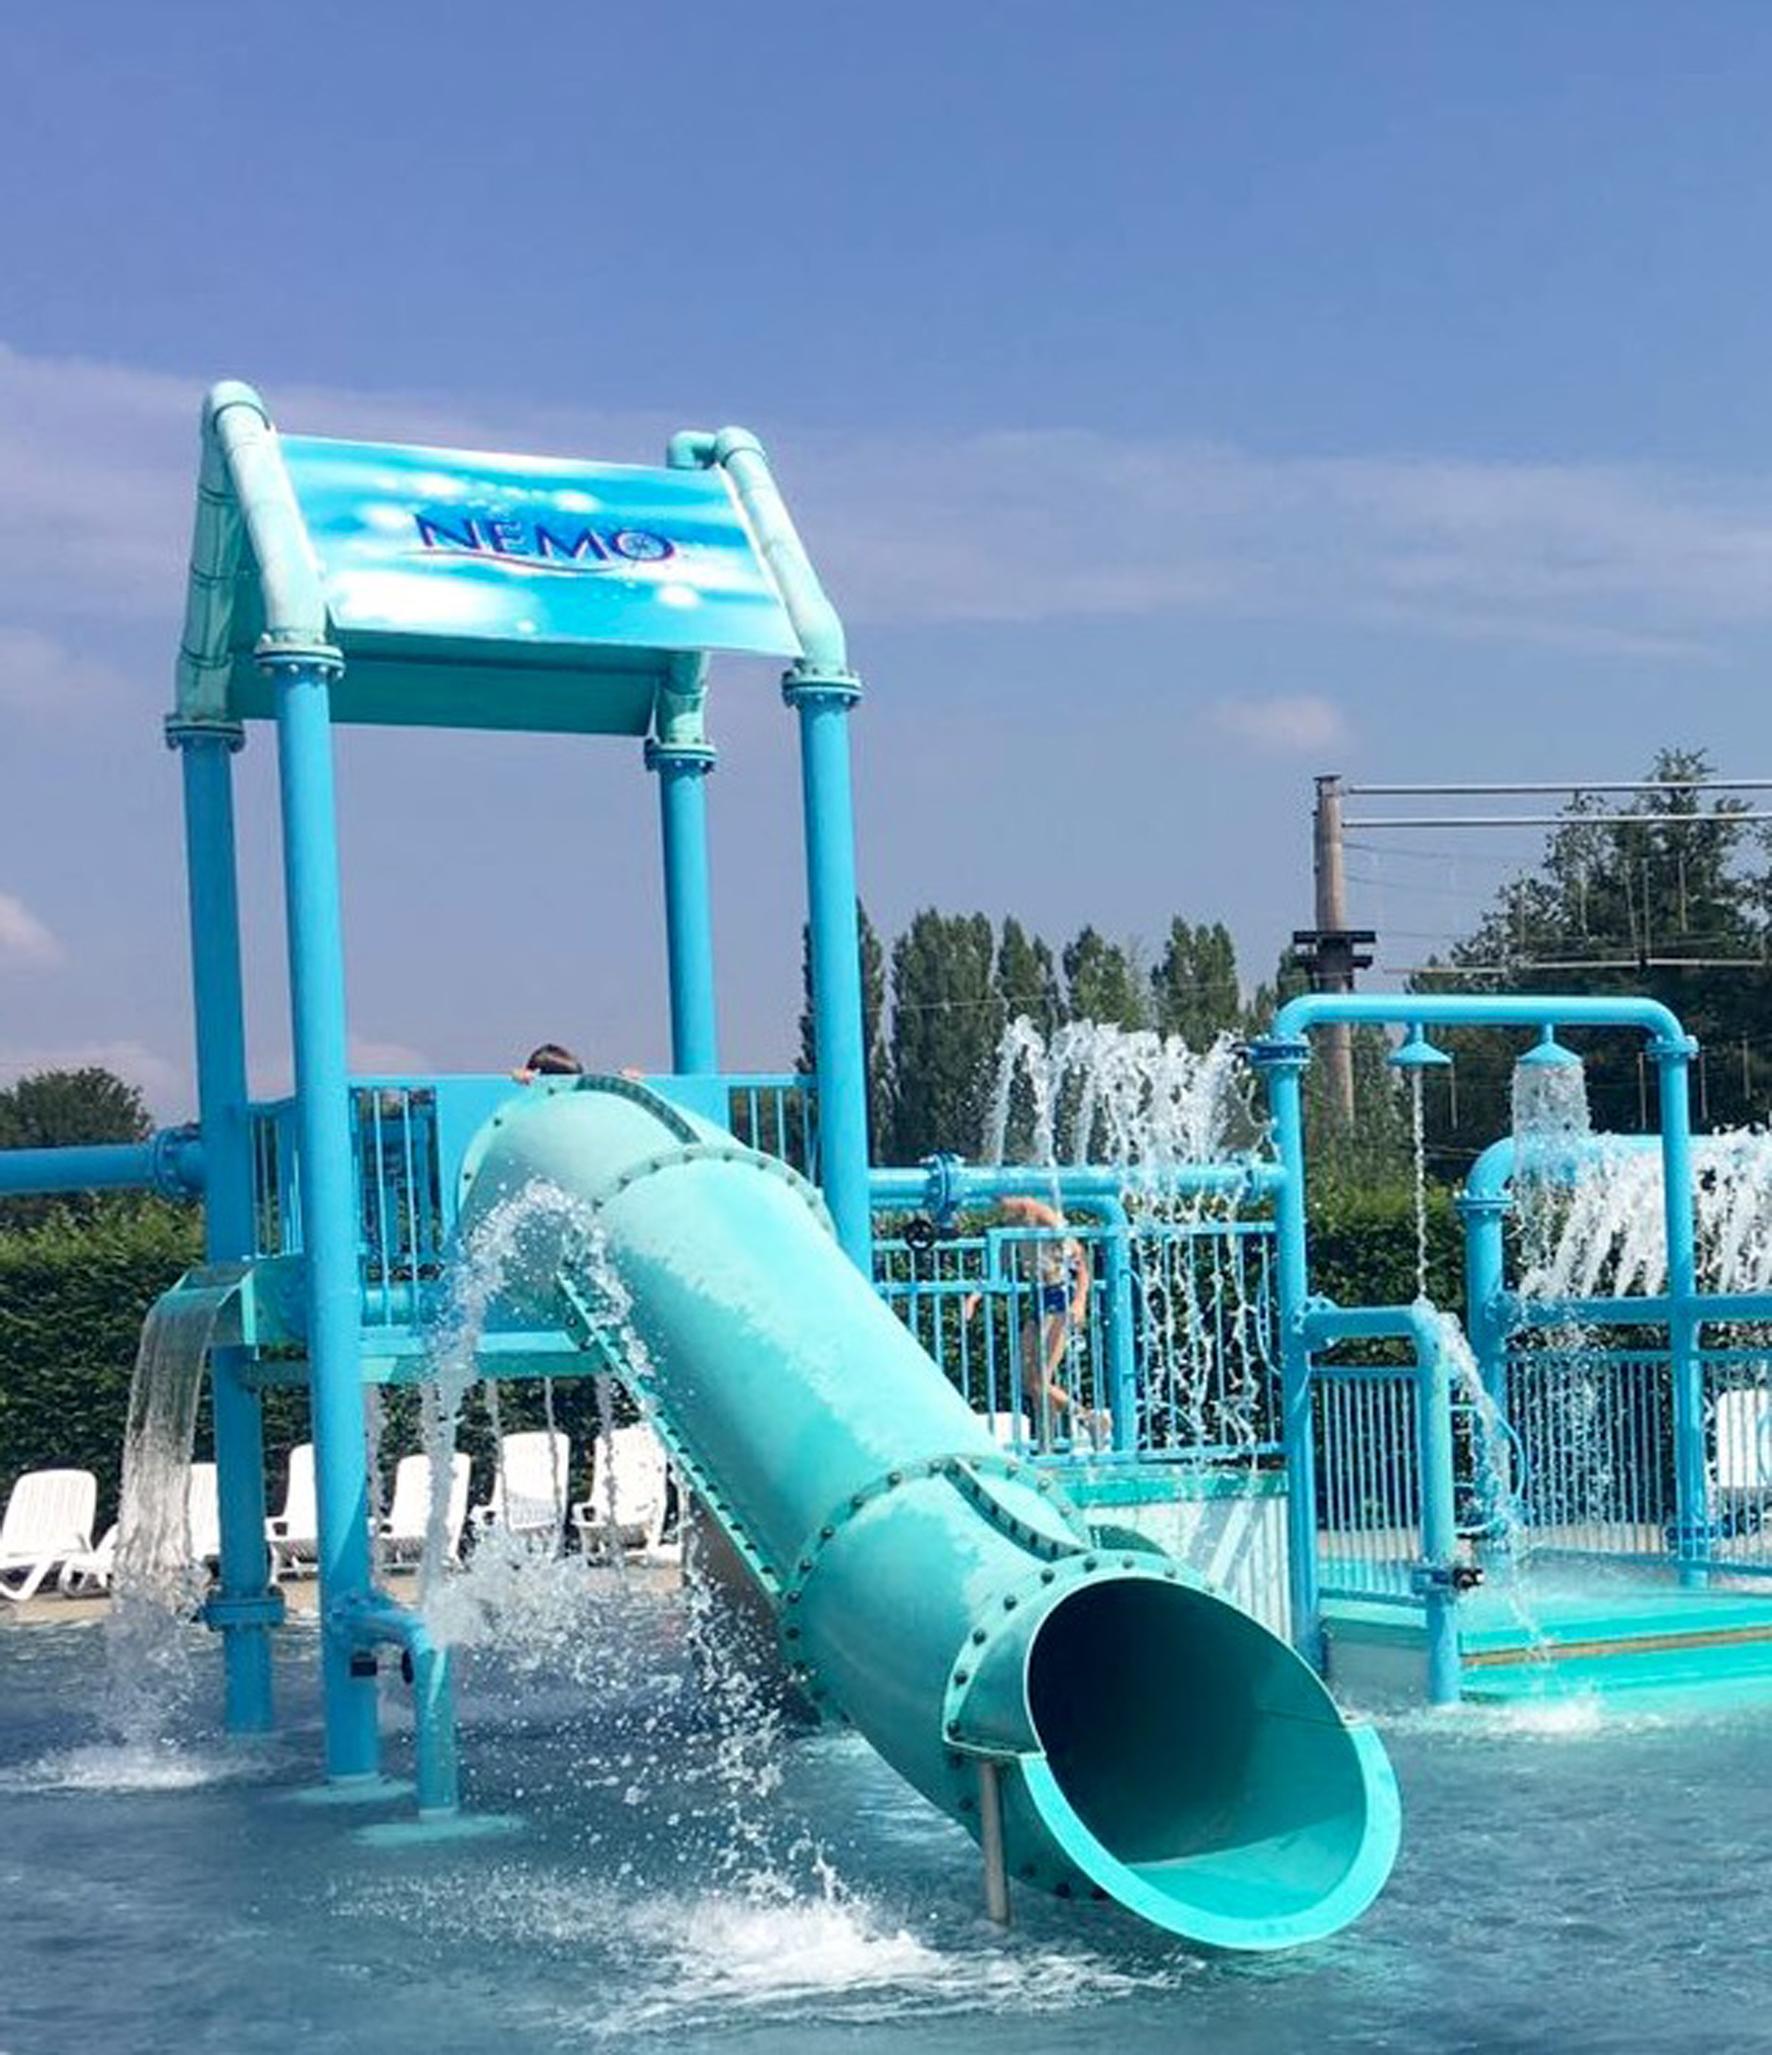 NEMO Spaßbad